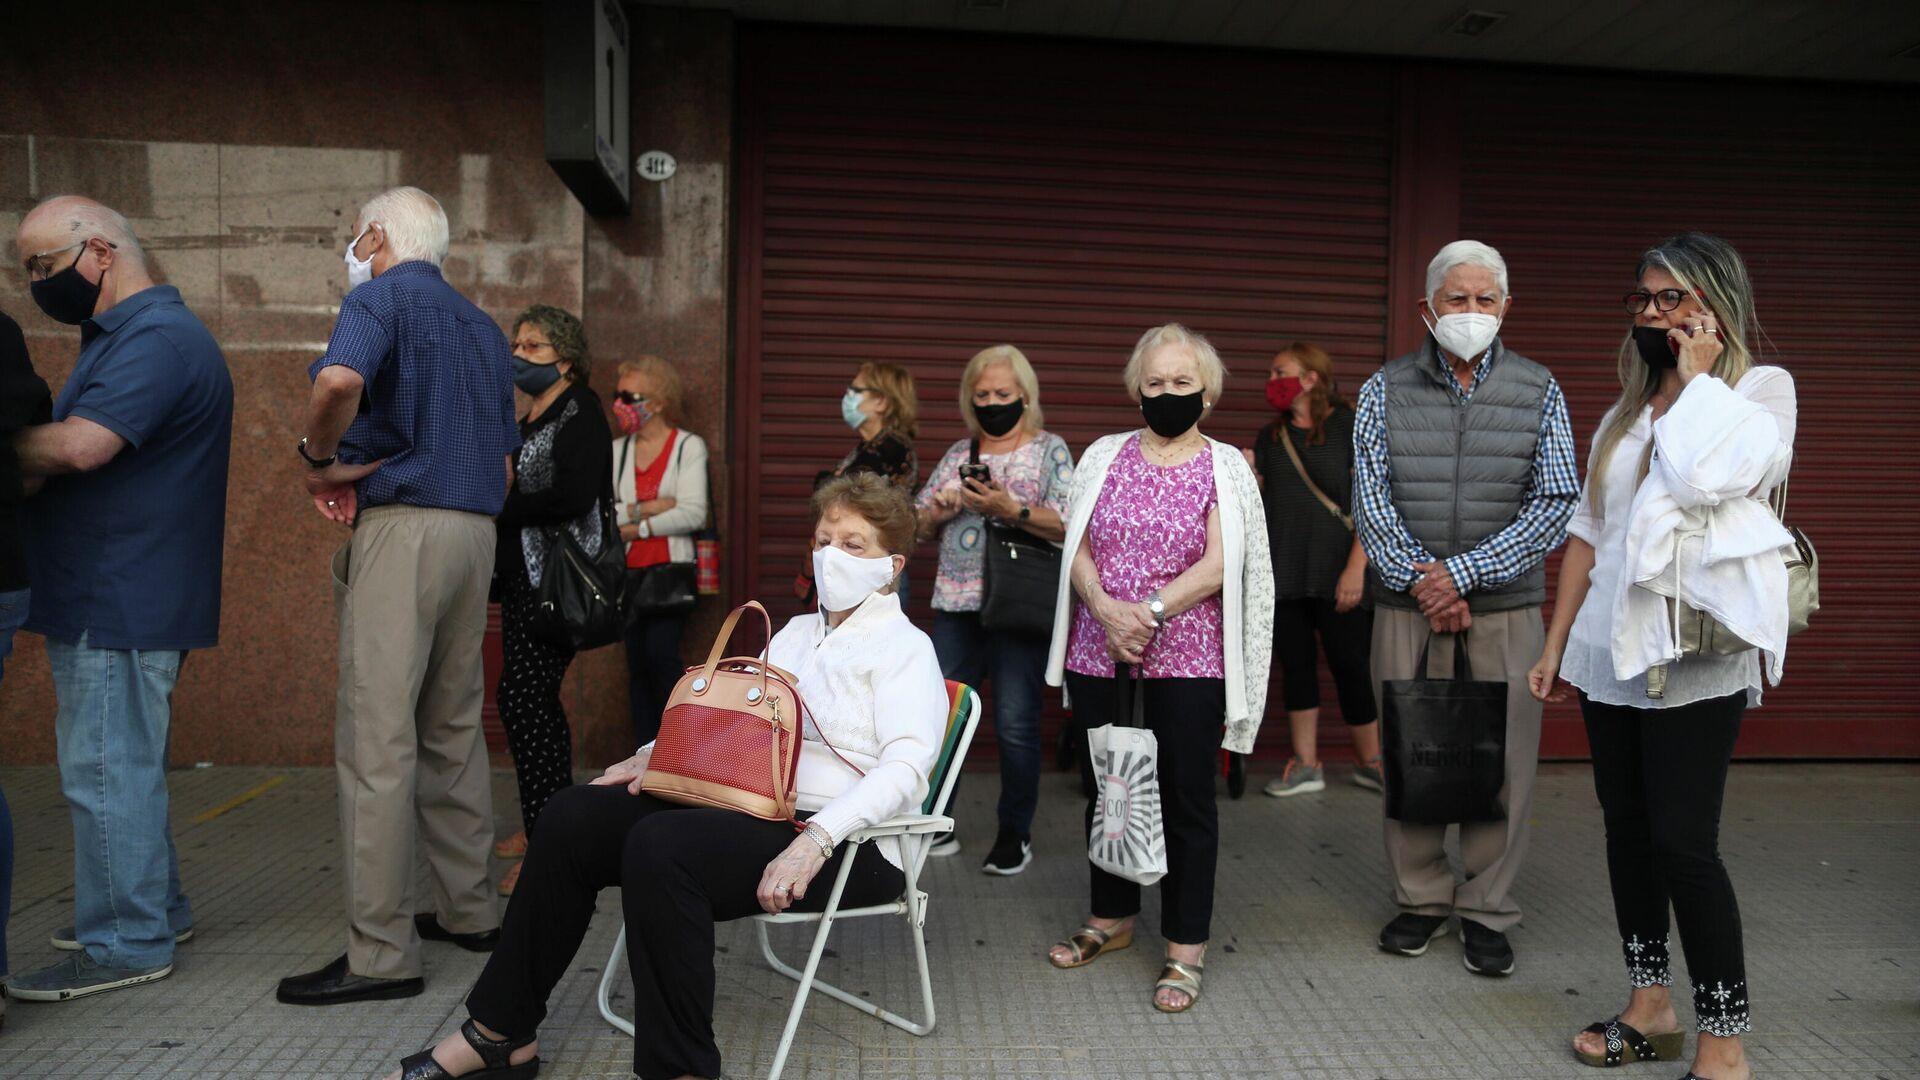 Adultos mayores argentinos esperan en la calle a ser vacunados en el estadio Luna Park - Sputnik Mundo, 1920, 10.03.2021